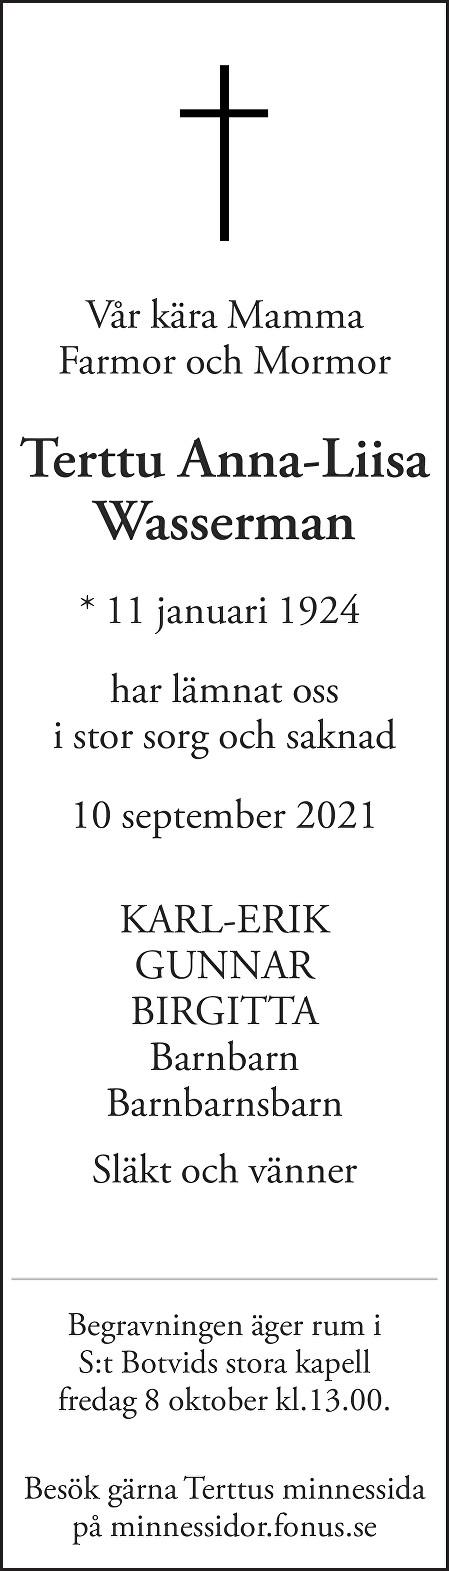 Terttu Anna-Liisa Wasserman Death notice